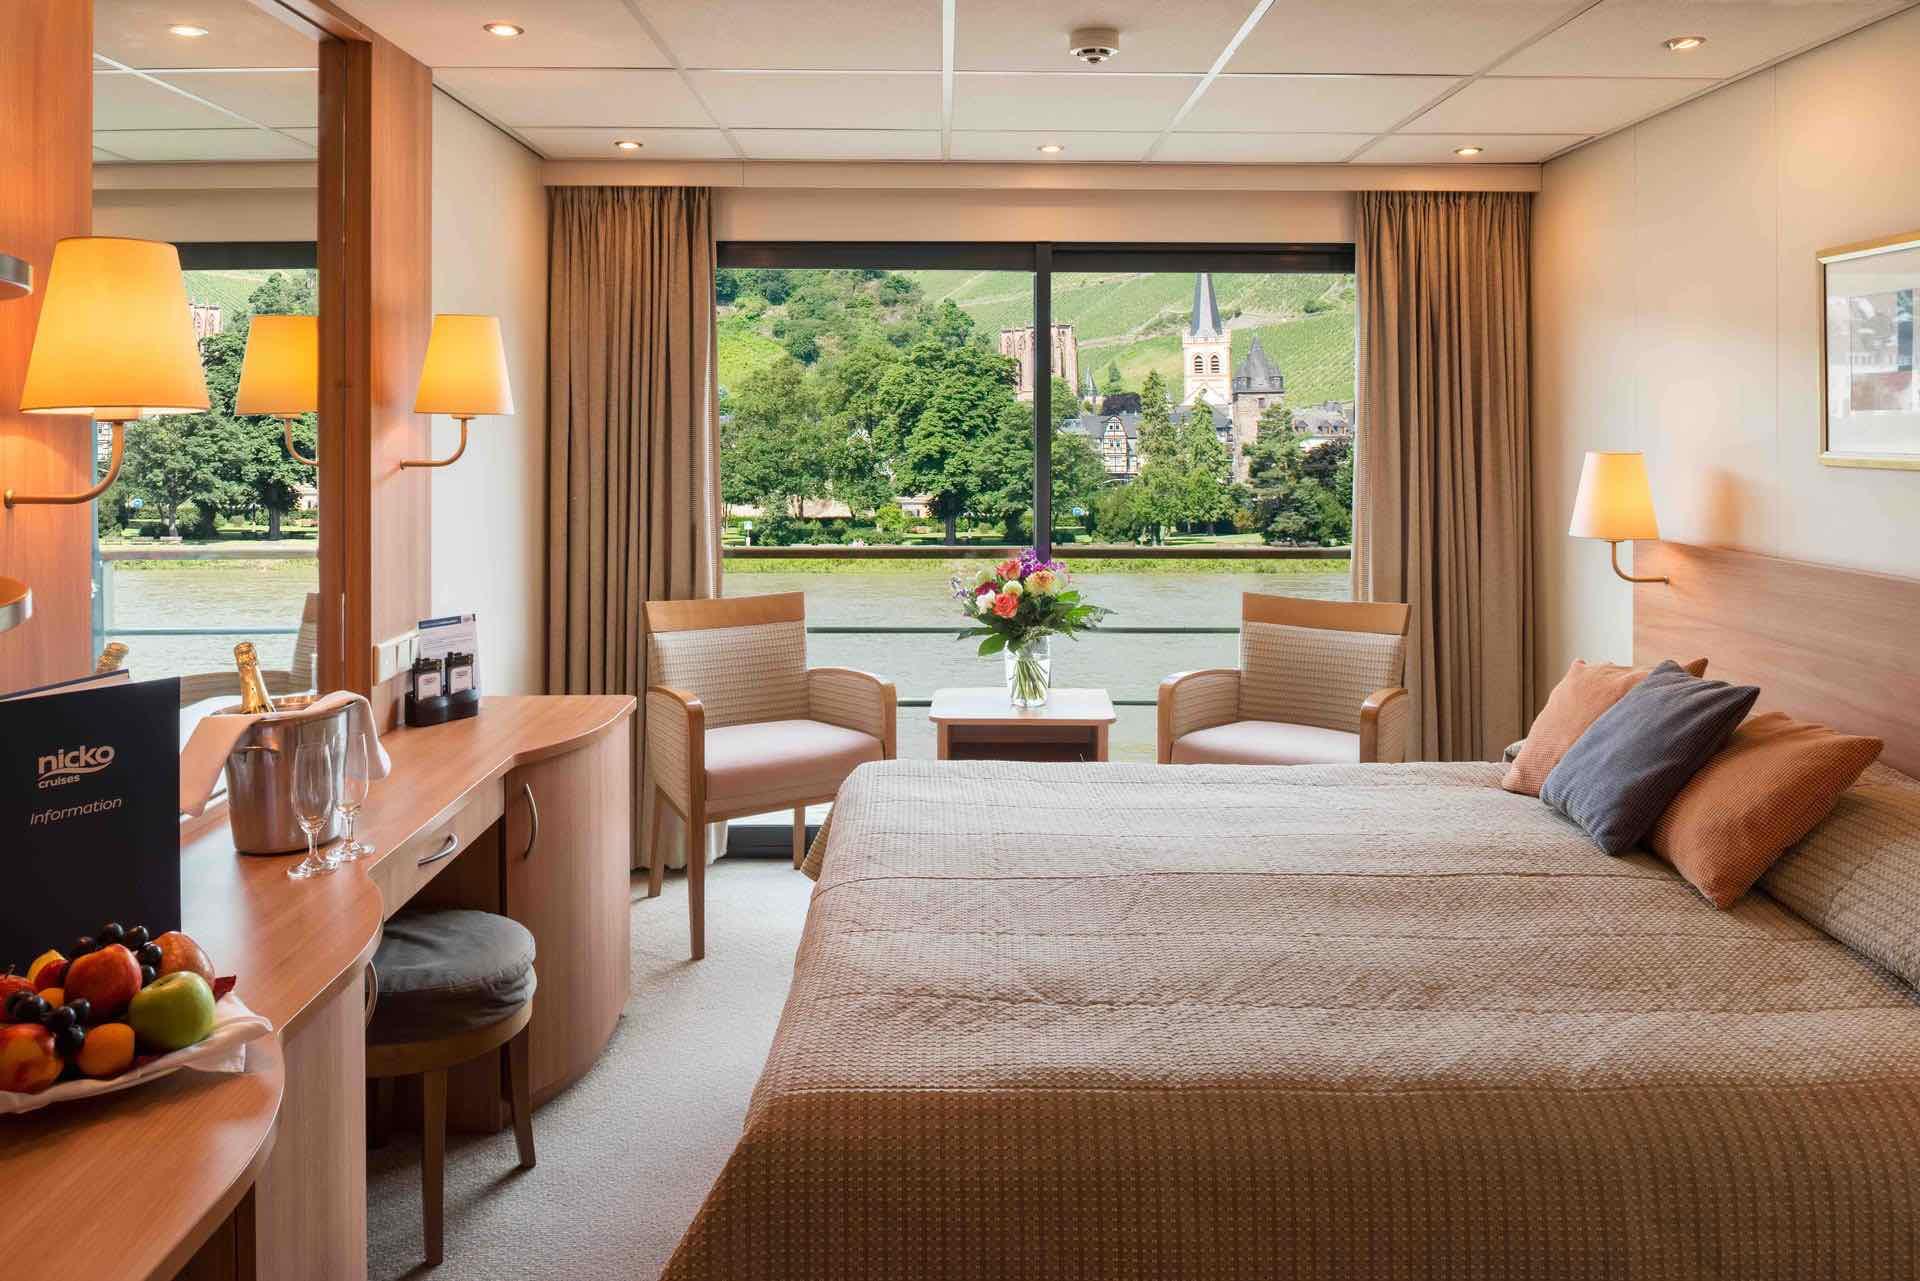 MS Rhein Melodie Außenkabine mit französischem Balkon